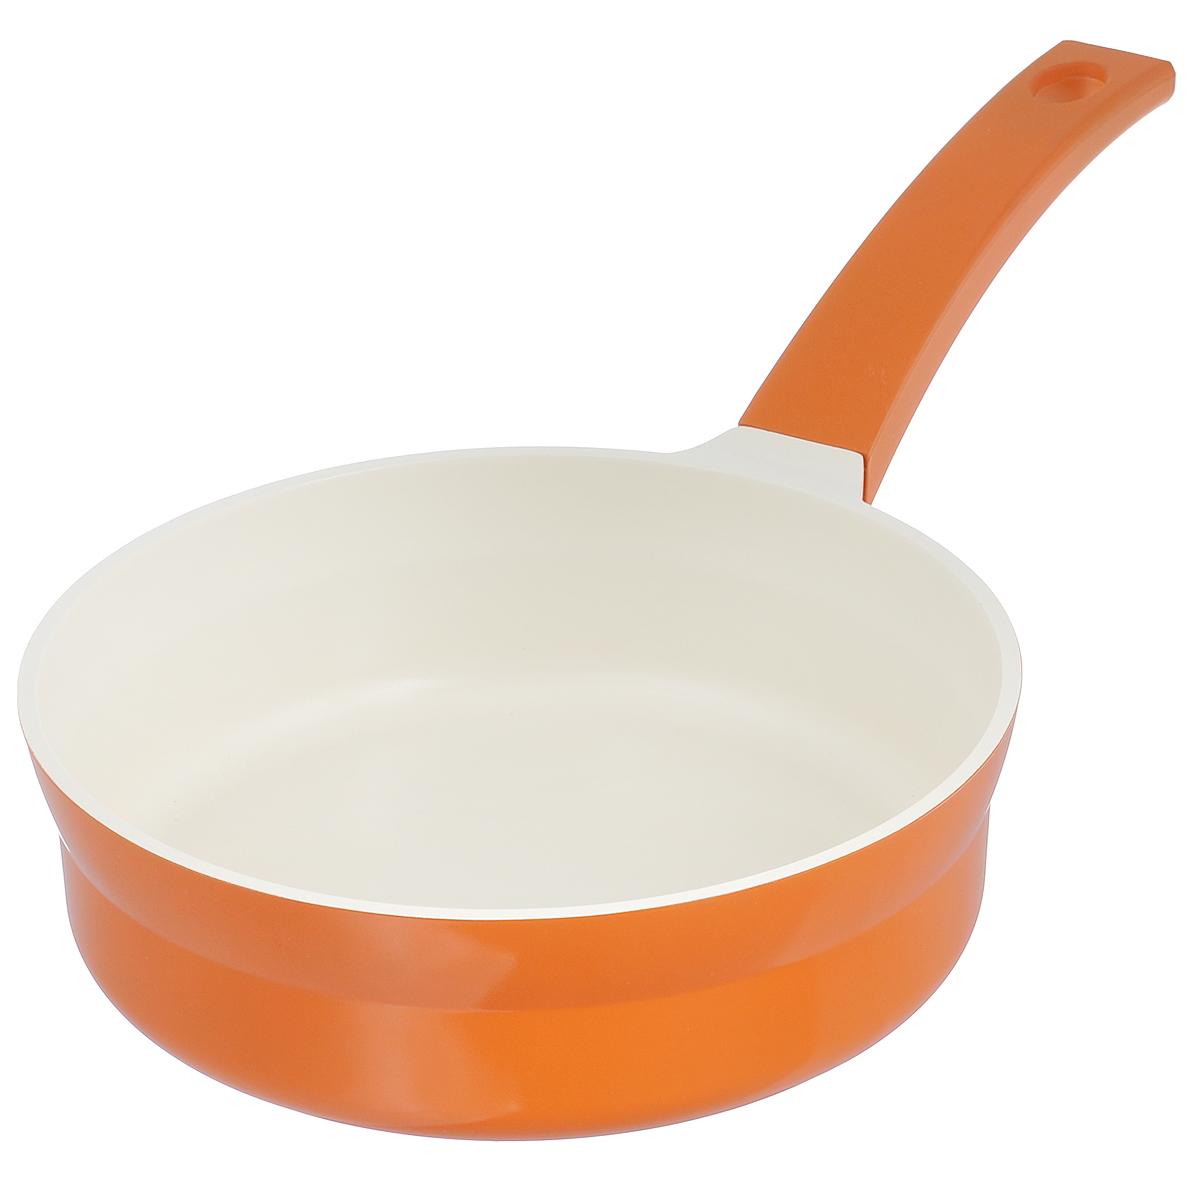 Сковорода Mayer & Boch, с керамическим покрытием, цвет: оранжевый. Диаметр 24 см. 2124221242оранжевыйСковорода Mayer & Boch изготовлена из литого алюминия с керамическим покрытием. Сковорода предназначена для здорового и экологичного приготовления пищи. Пища не пригорает и не прилипает к стенкам. Абсолютно гладкая поверхность легко моется. Посуда экологически чистая, не содержит примеси ПФОК. Рукоятка специального дизайна, выполненная из пластика с силиконовым покрытием, удобна и комфортна в эксплуатации. Внешнее цветное покрытие устойчиво к воздействию высоких температур. Можно использовать на газовых, электрических, стеклокерамических, галогеновых, индукционных плитах. Можно мыть в посудомоечной машине. Высота стенки: 6,8 см. Толщина стенки: 5 мм. Толщина дна: 9 мм. Длина ручки: 21 см. Диаметр индукционного диска: 18 см.